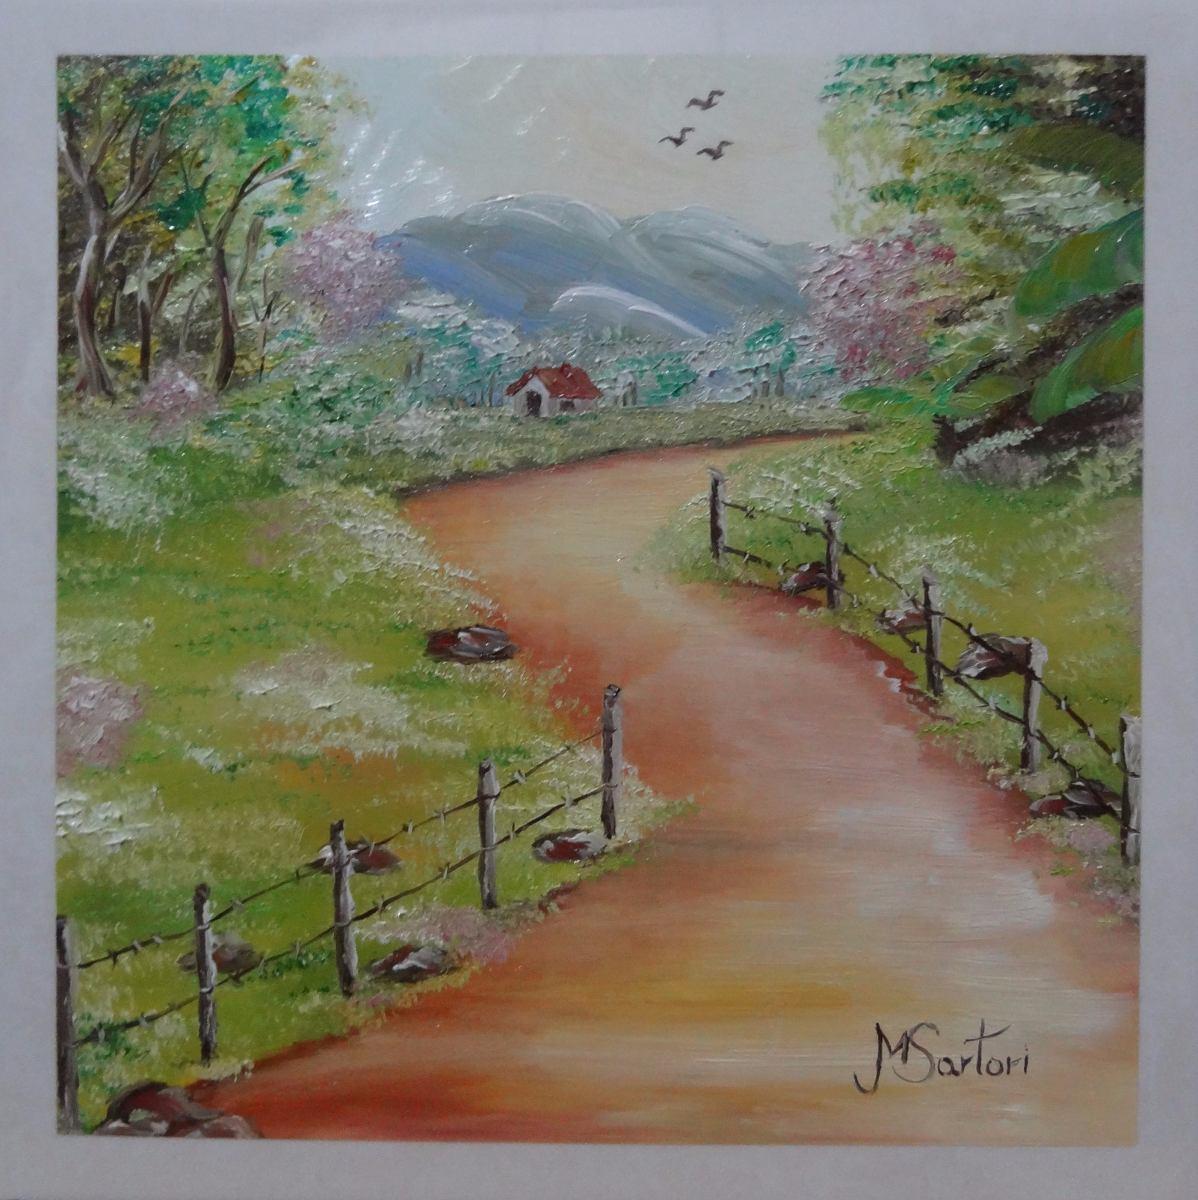 Paisagem pintura leo sobre azulejo 20x20cm r 60 00 em mercado livre - Pintura sobre azulejo ...